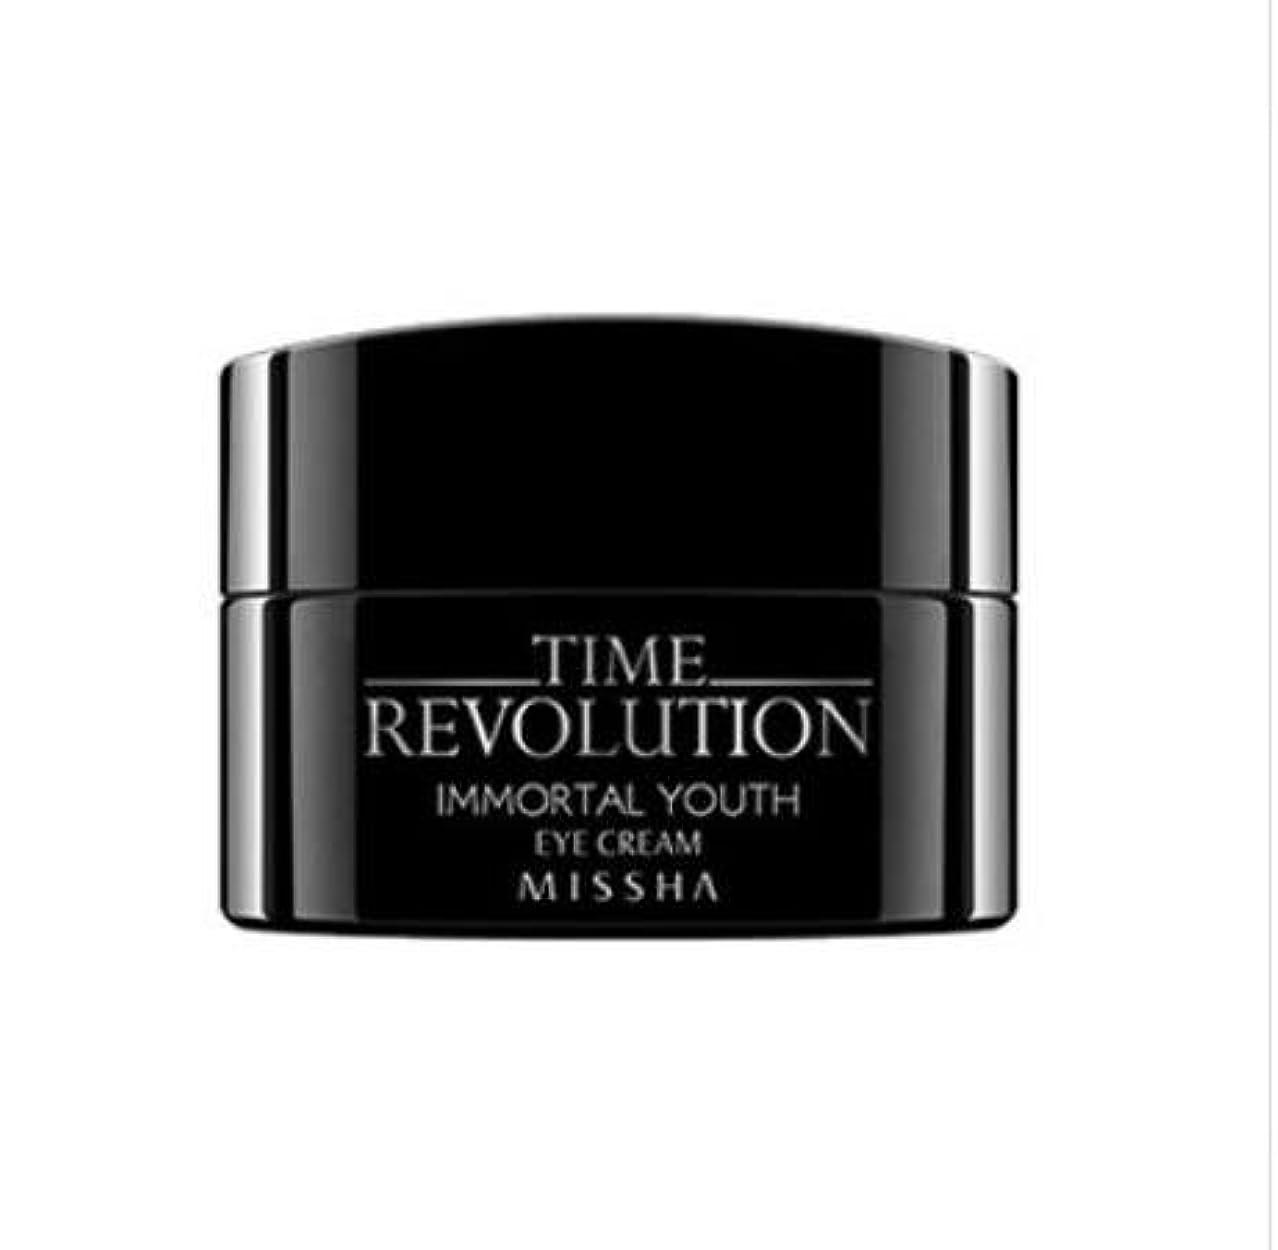 真鍮見出しより[ミシャ] Missha [タイムレボリューション イモタルユース アイクリーム](MISSHA Time Revolution Immortal Youth Eye Cream) [並行輸入品]